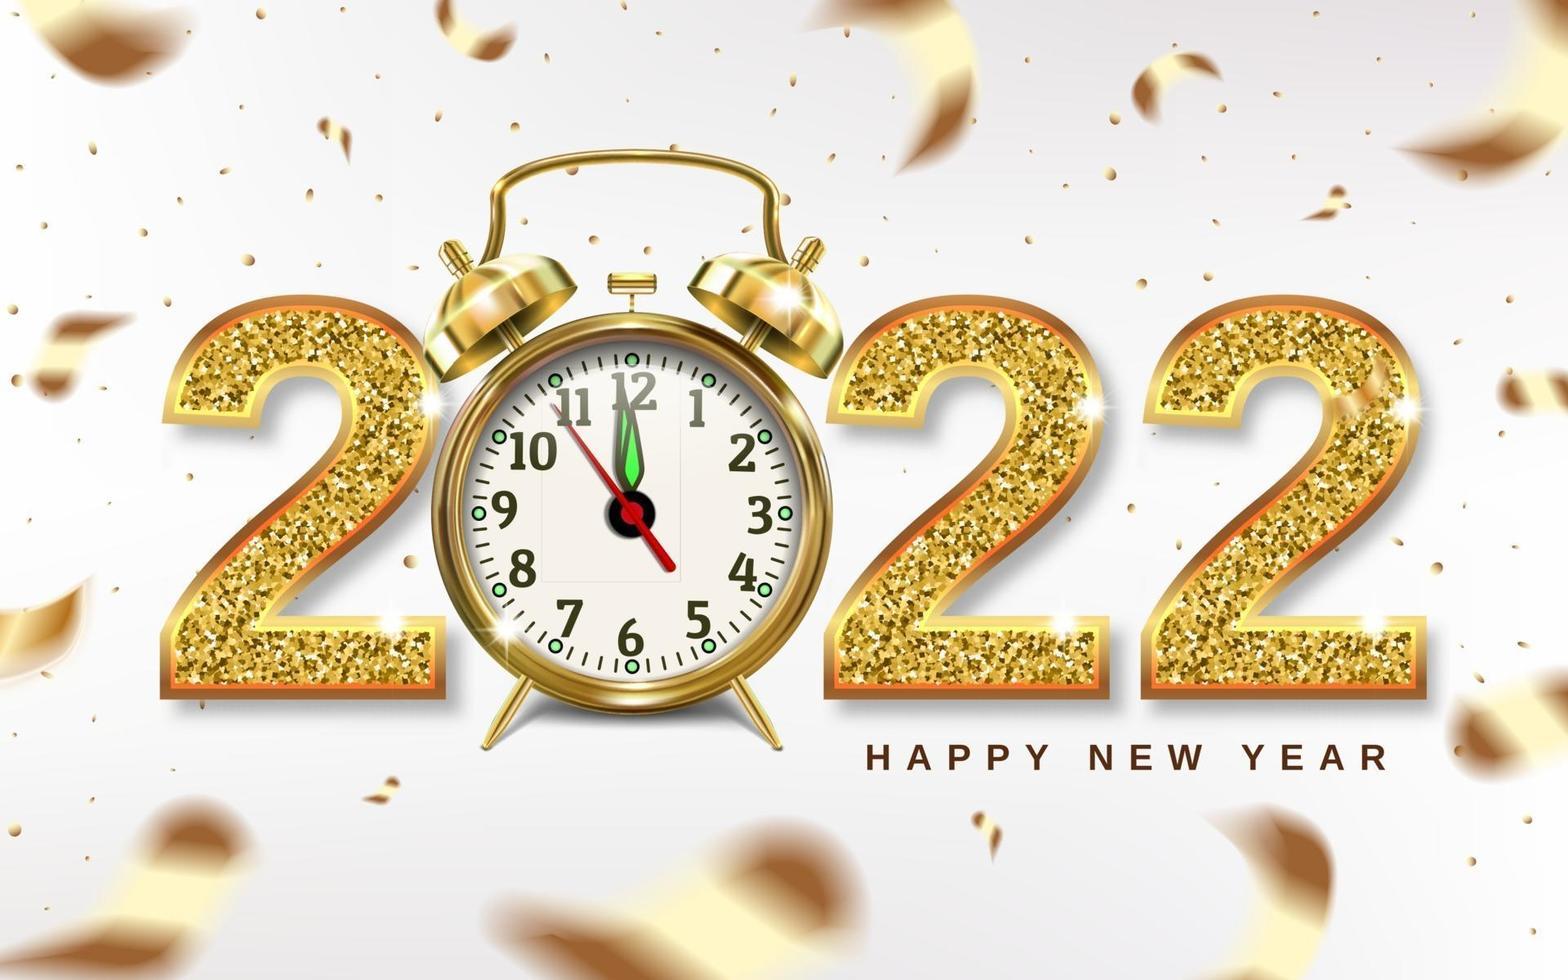 números de natal 2022 com despertador dourado vetor